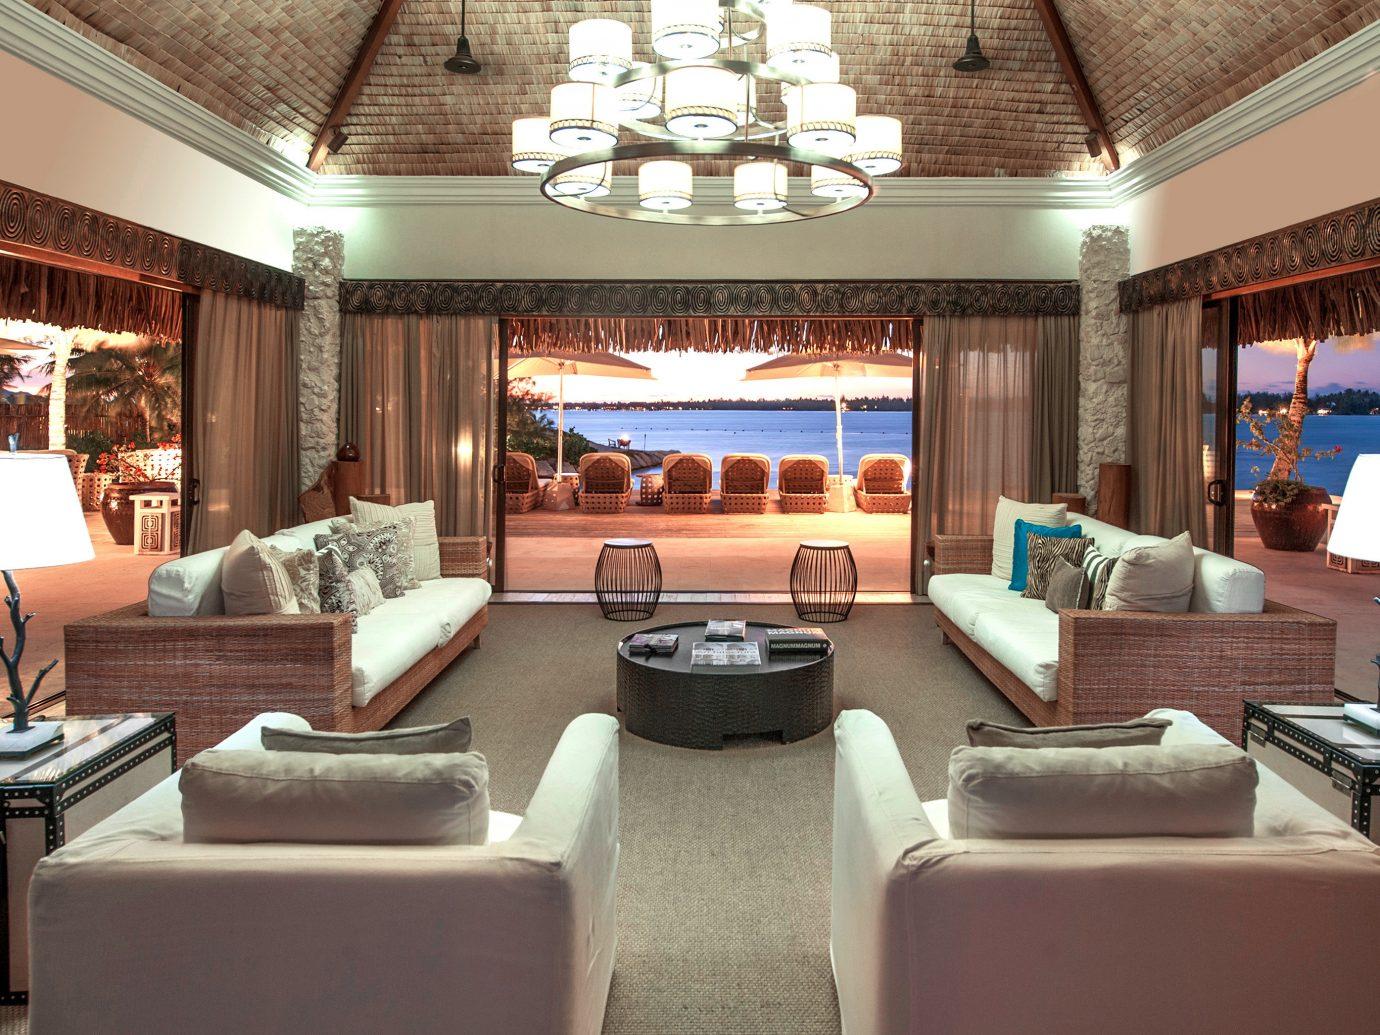 Bedroom Hotels Living Suite indoor room floor property estate ceiling living room yacht vehicle interior design Boat passenger ship home Resort Design furniture mansion Villa Lobby area